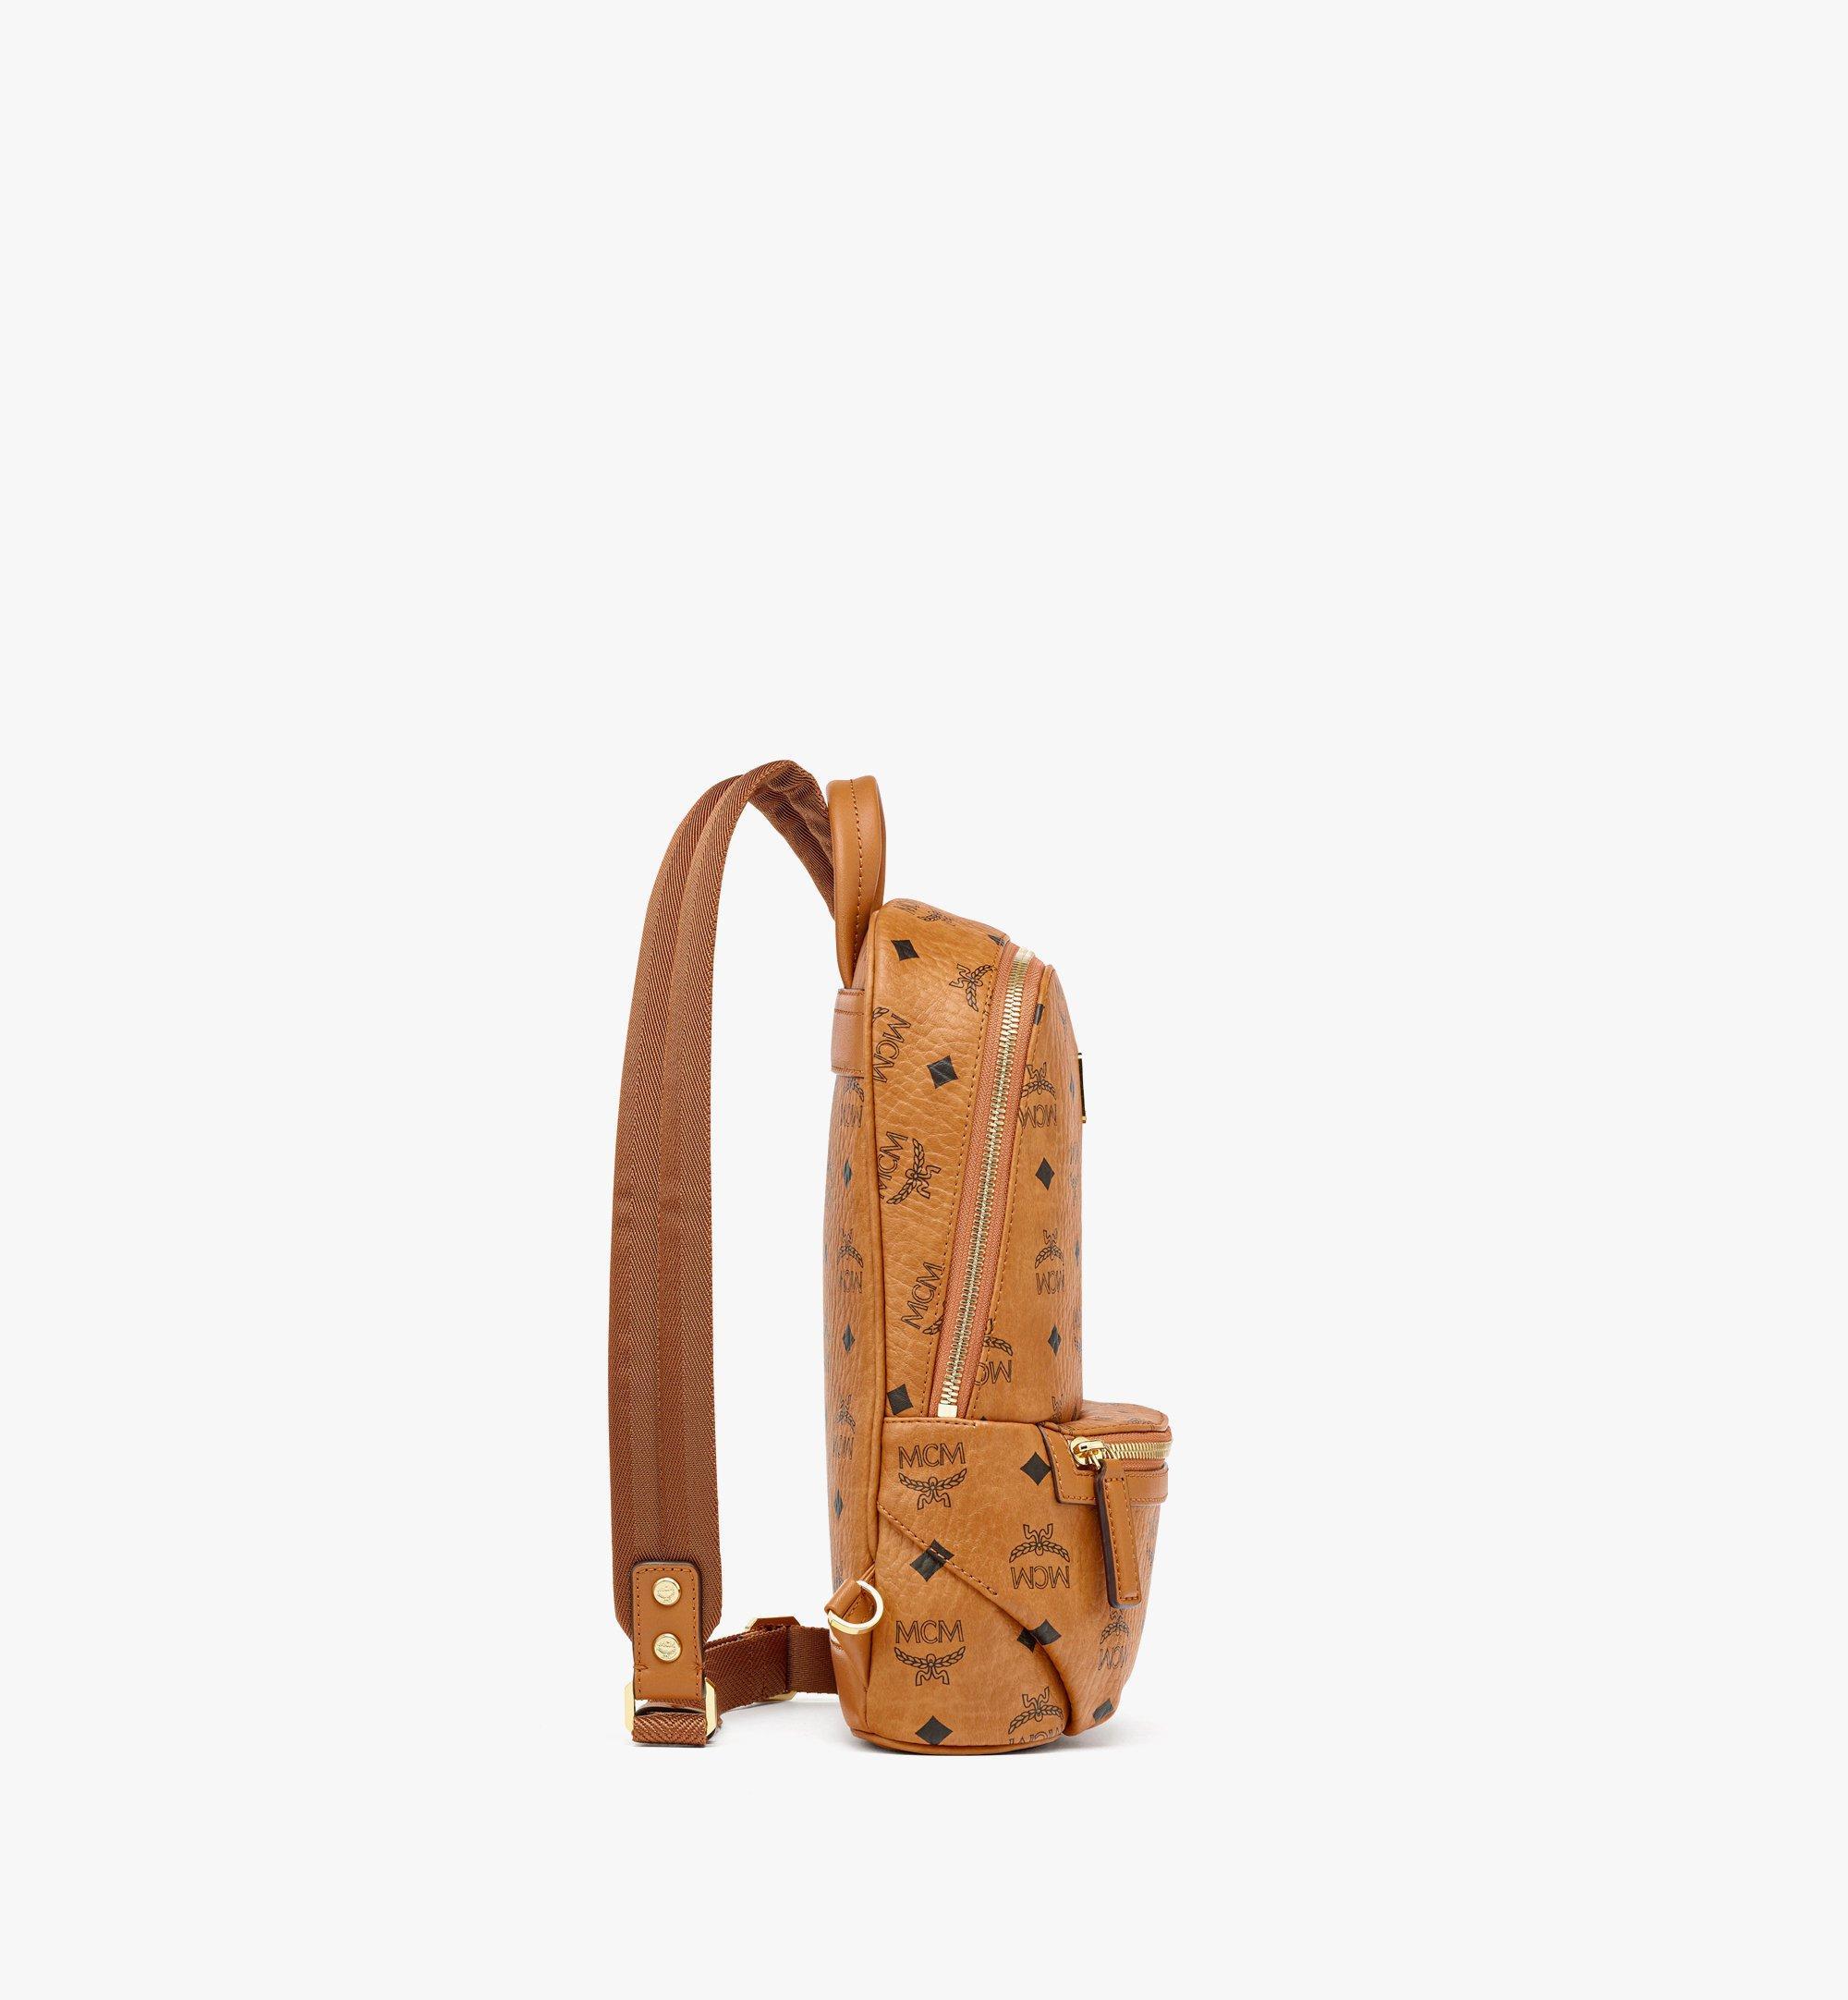 MCM Klassik Sling Bag in Visetos Cognac MMLBSKC01CO001 Alternate View 1